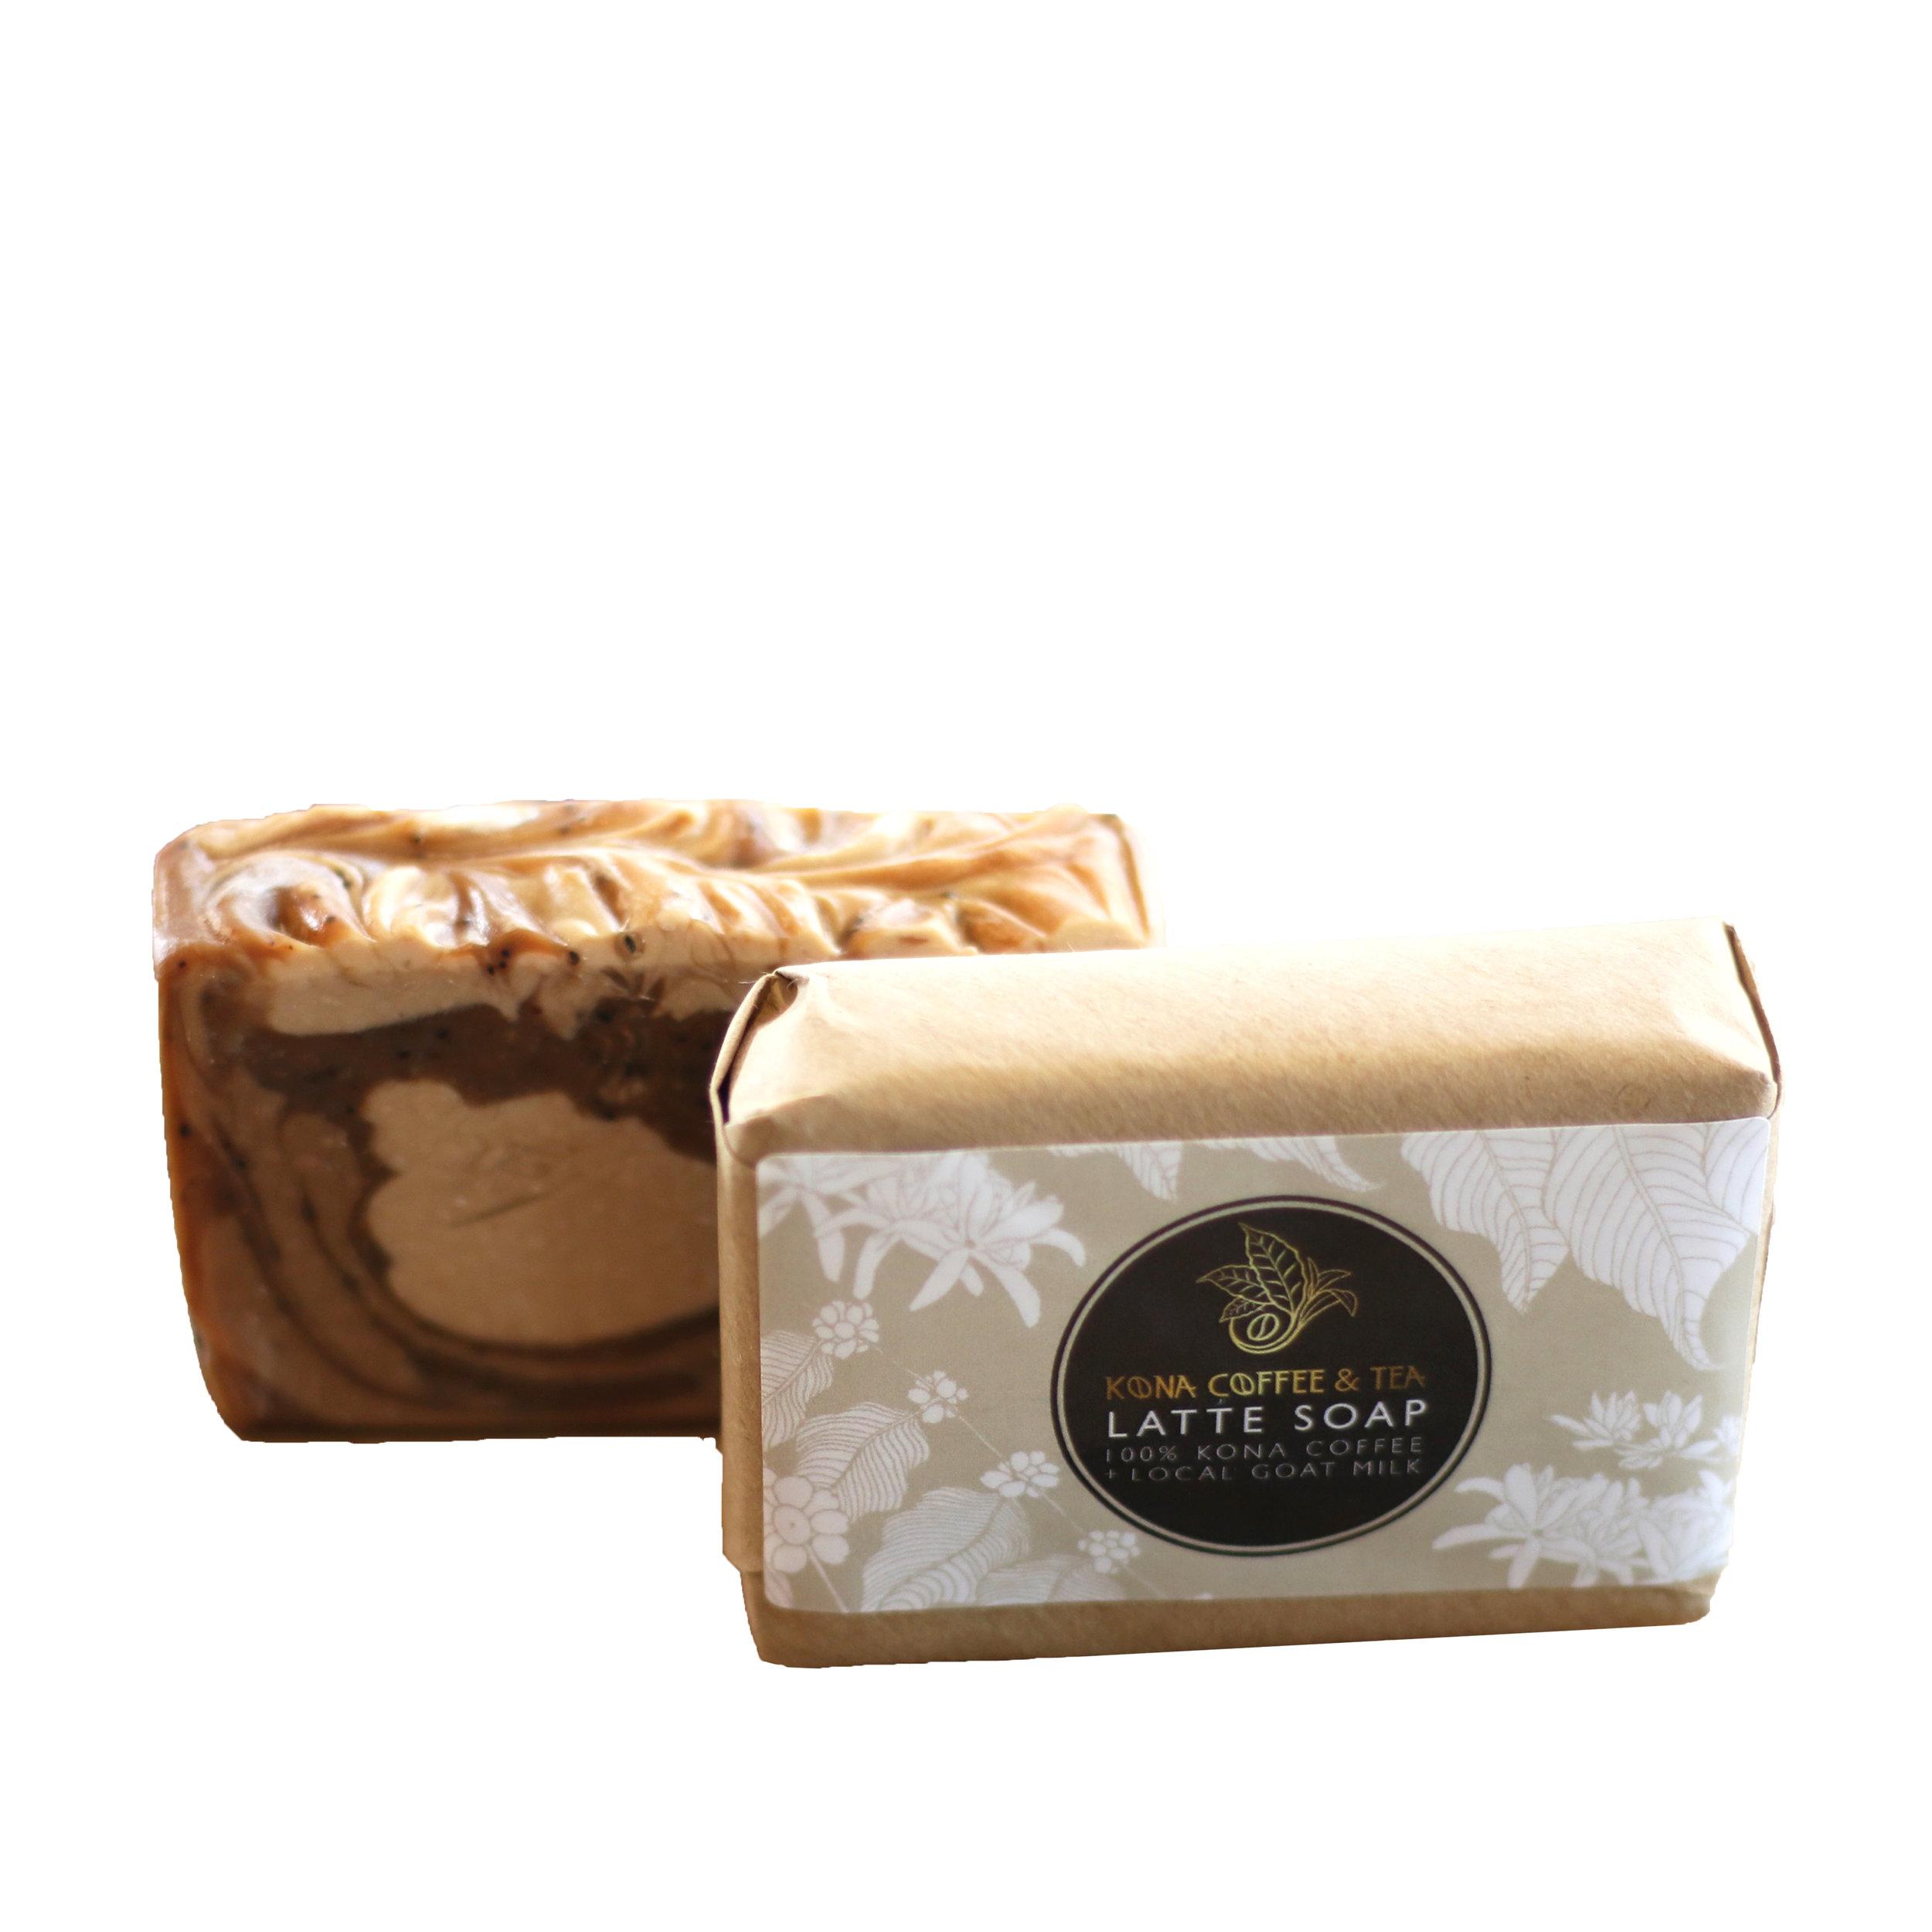 Kona Latté Soap